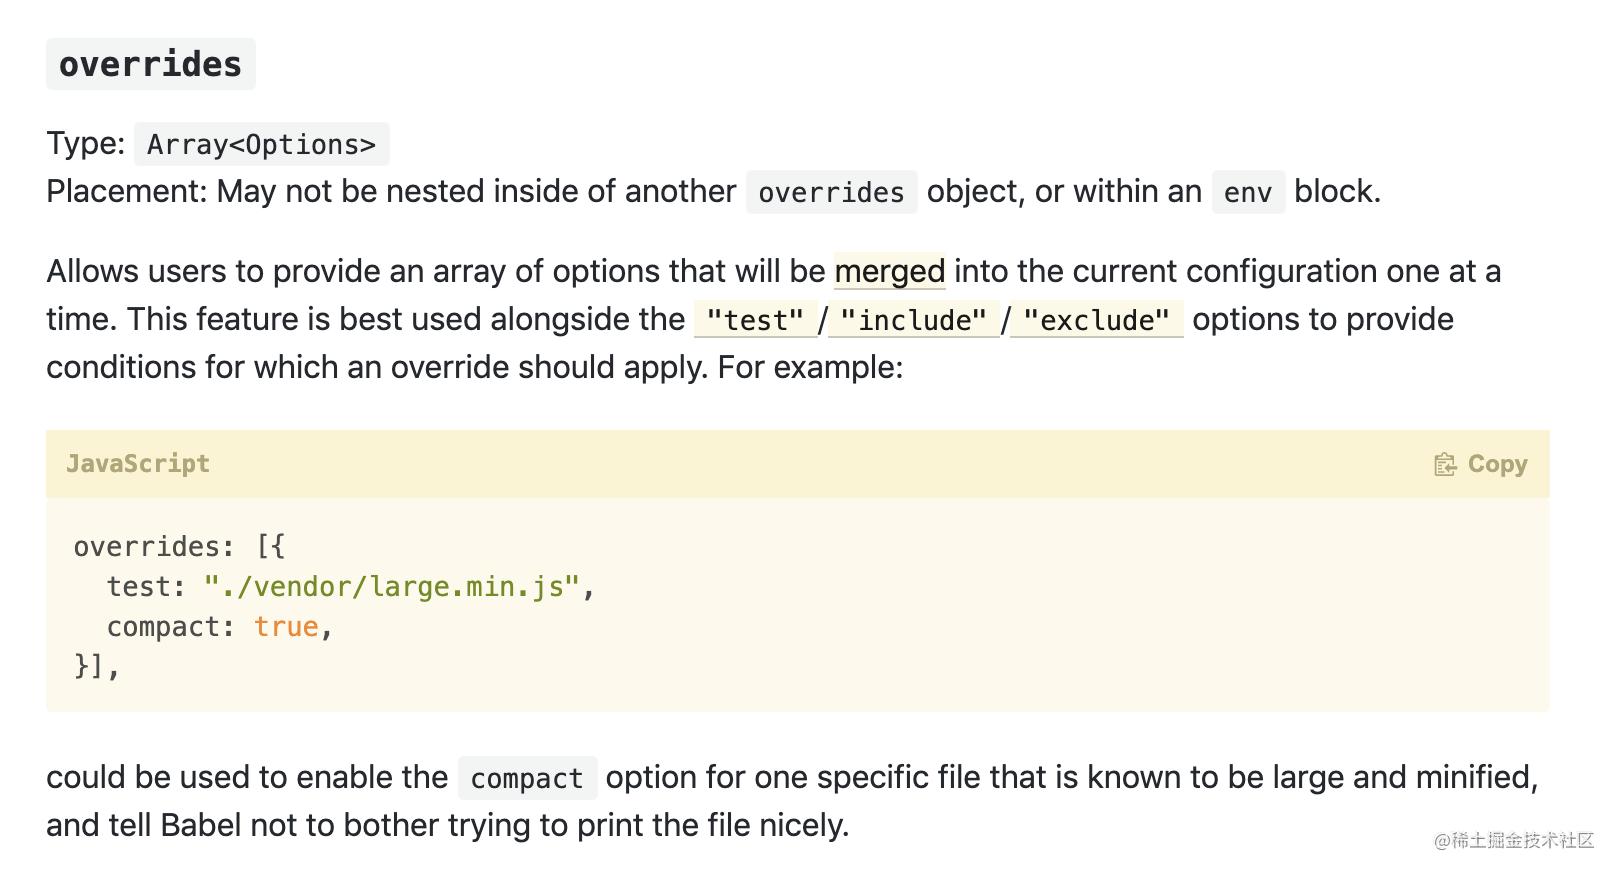 https://babeljs.io/docs/en/options#overrides